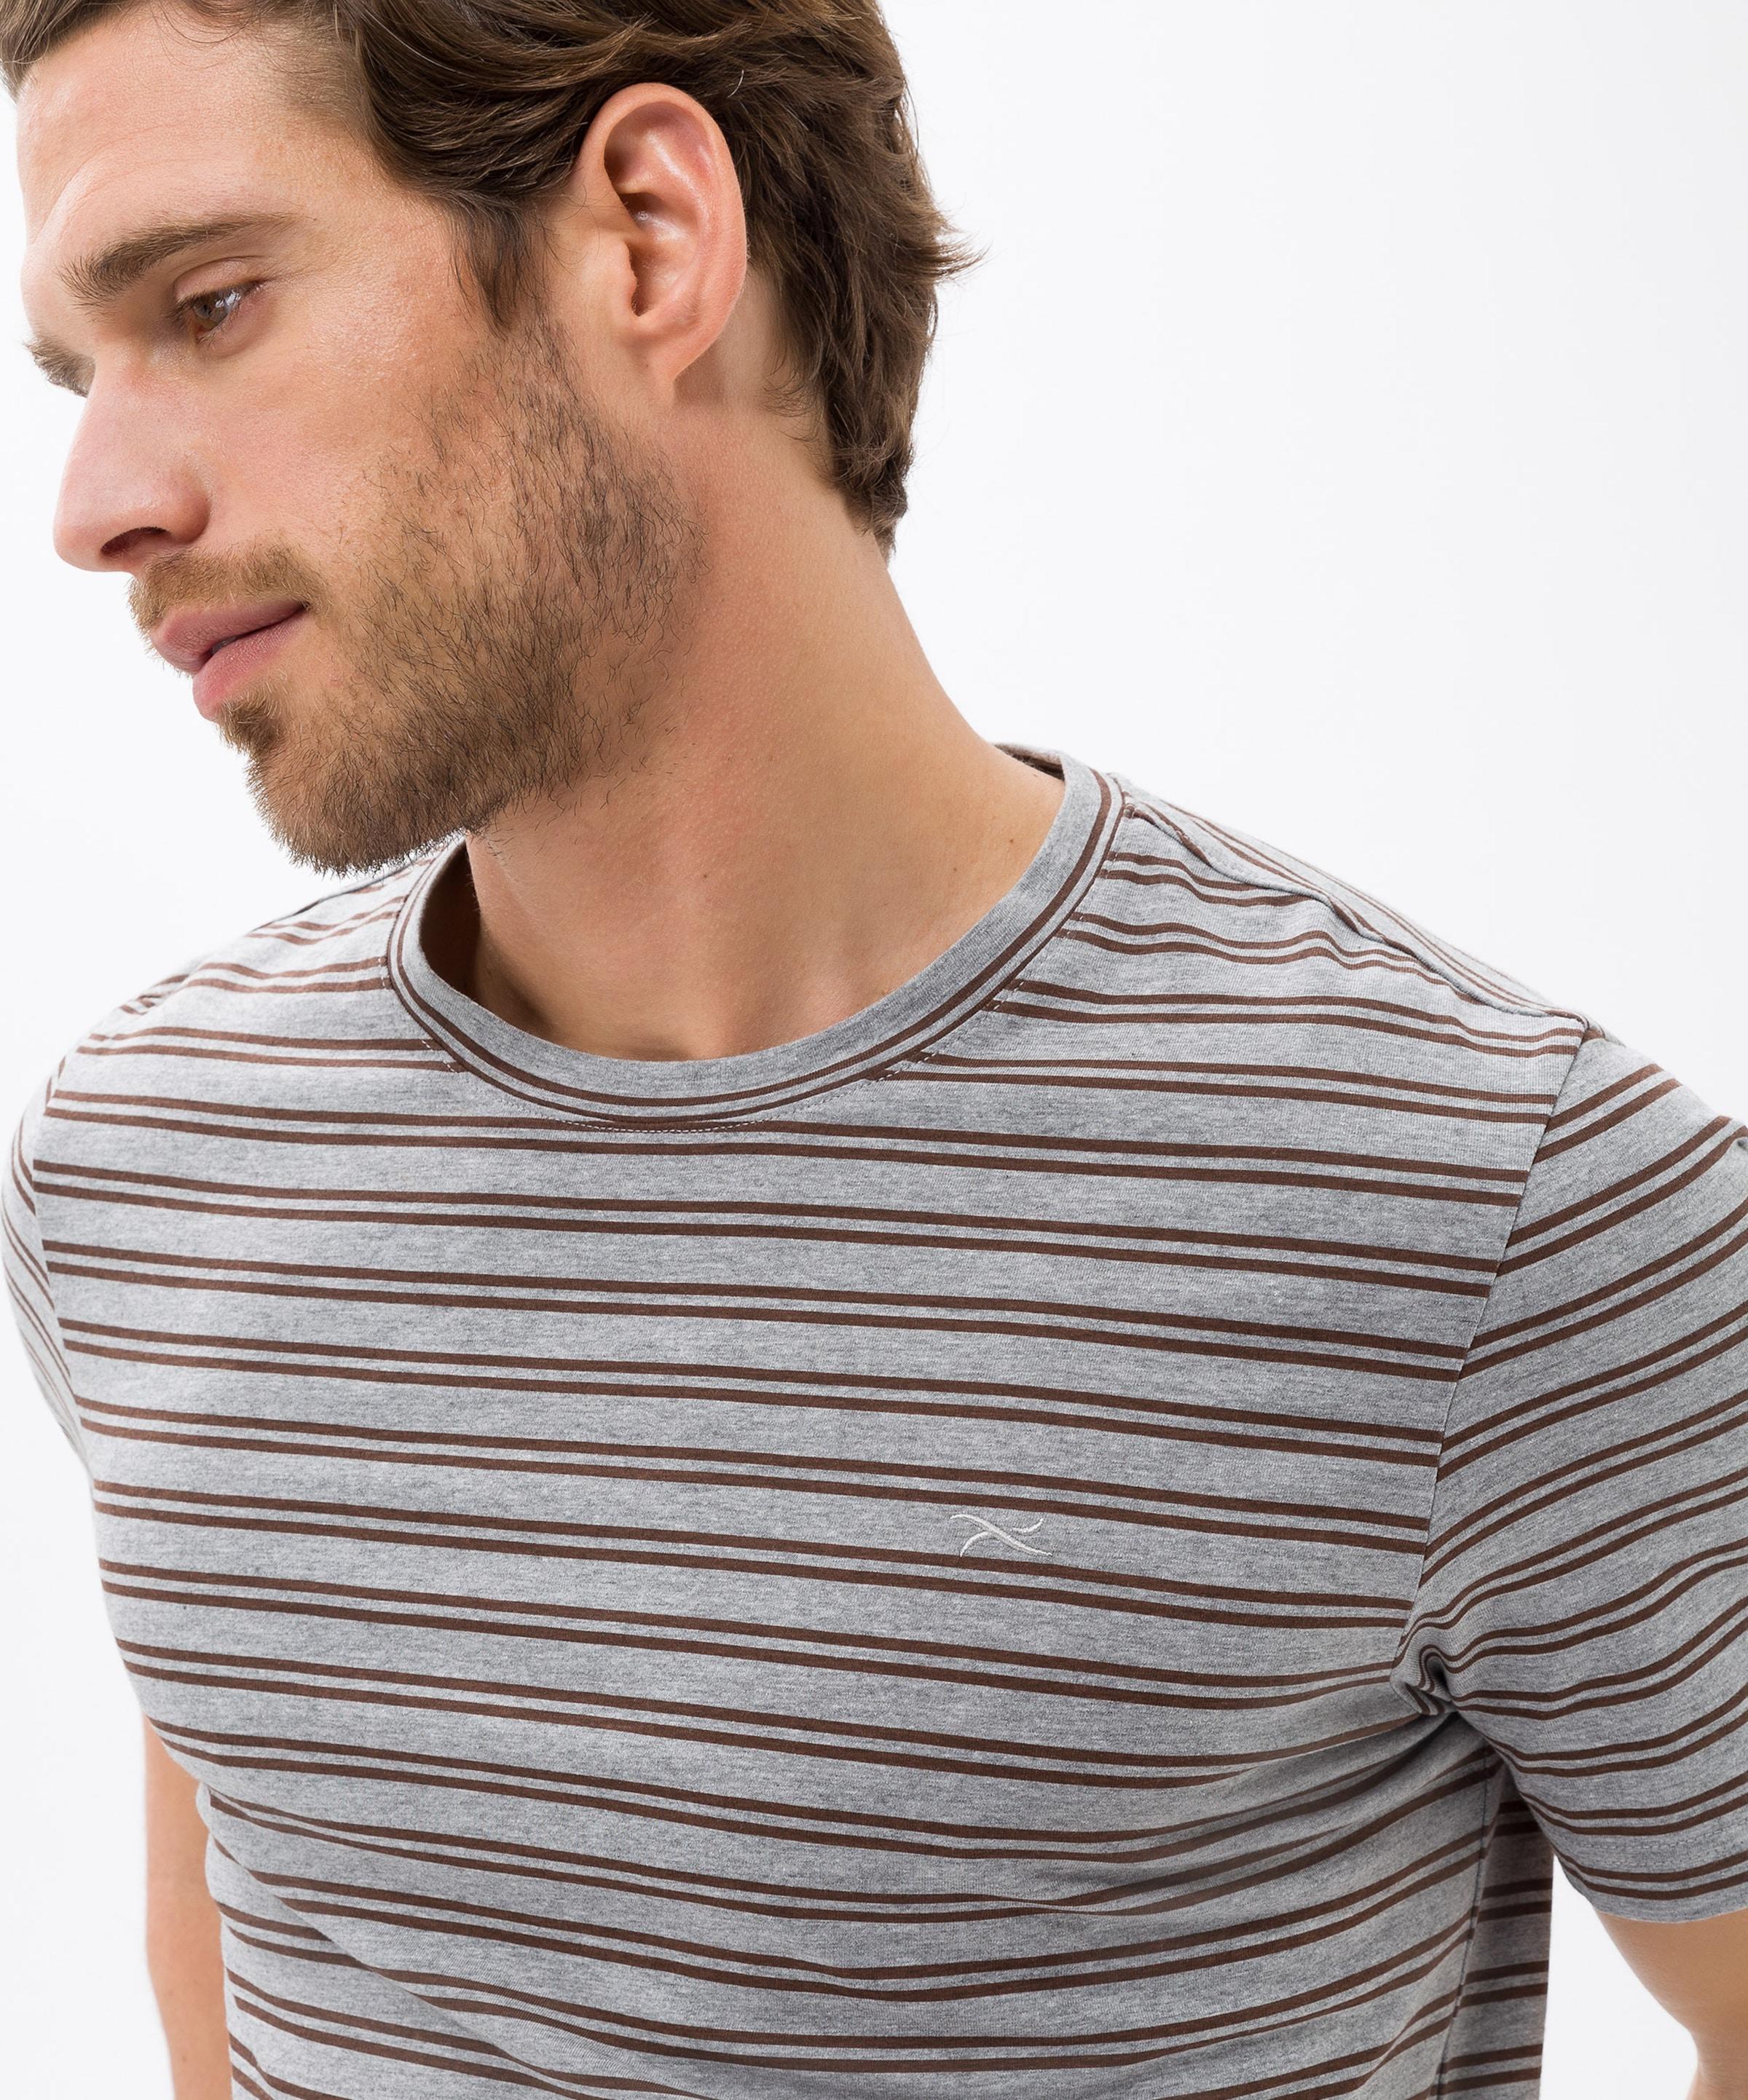 'troy' In T BraunGrau shirt Brax 7Yg6vbfy